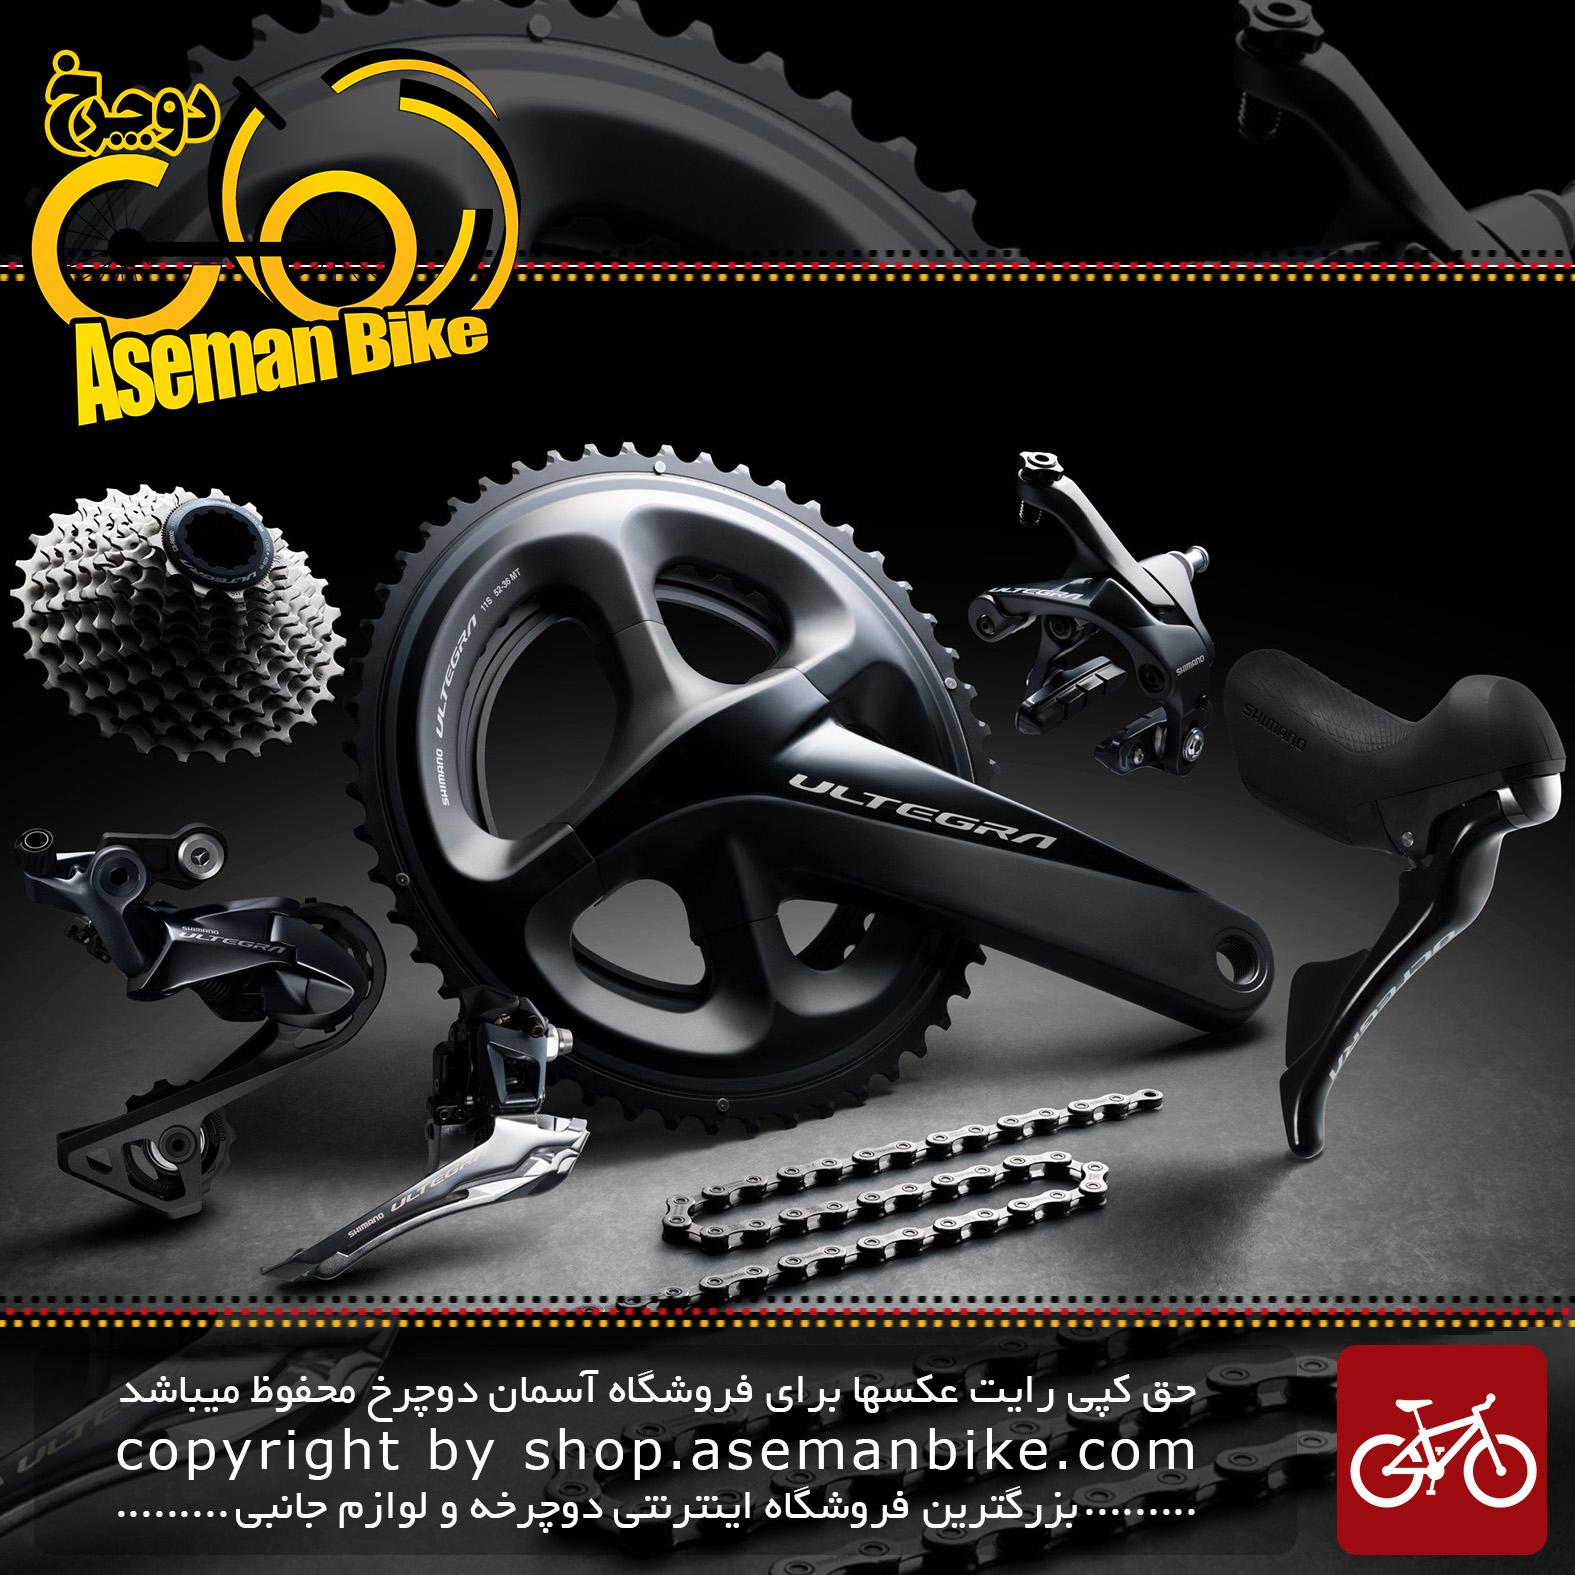 ست کامل دنده و ترمز دوچرخه کورسی جاده شیمانو التگرا آر 8000 11 سرعته ساخت ژاپن Shimano Groupset Ultegra R8000 11 Speed